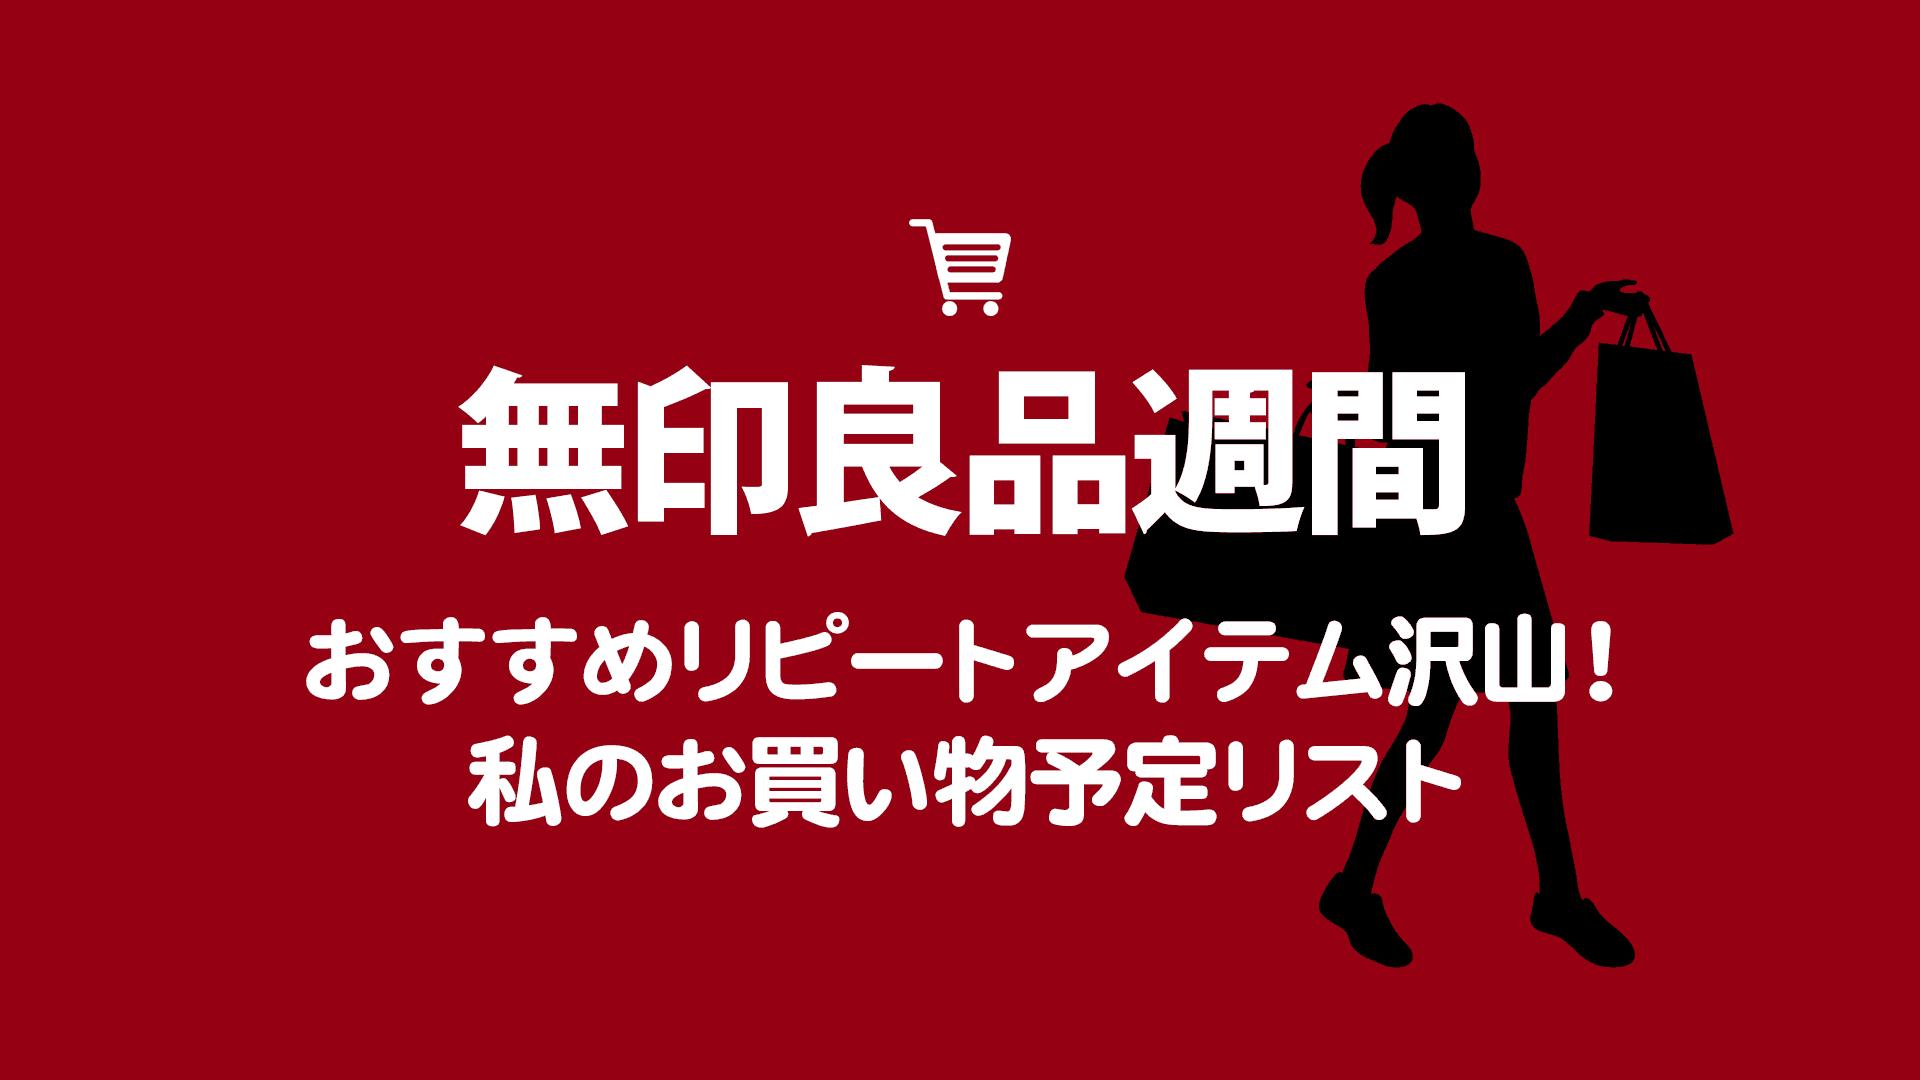 【2019】無印良品週間お買い物リスト リピ買いコスメを補充したい